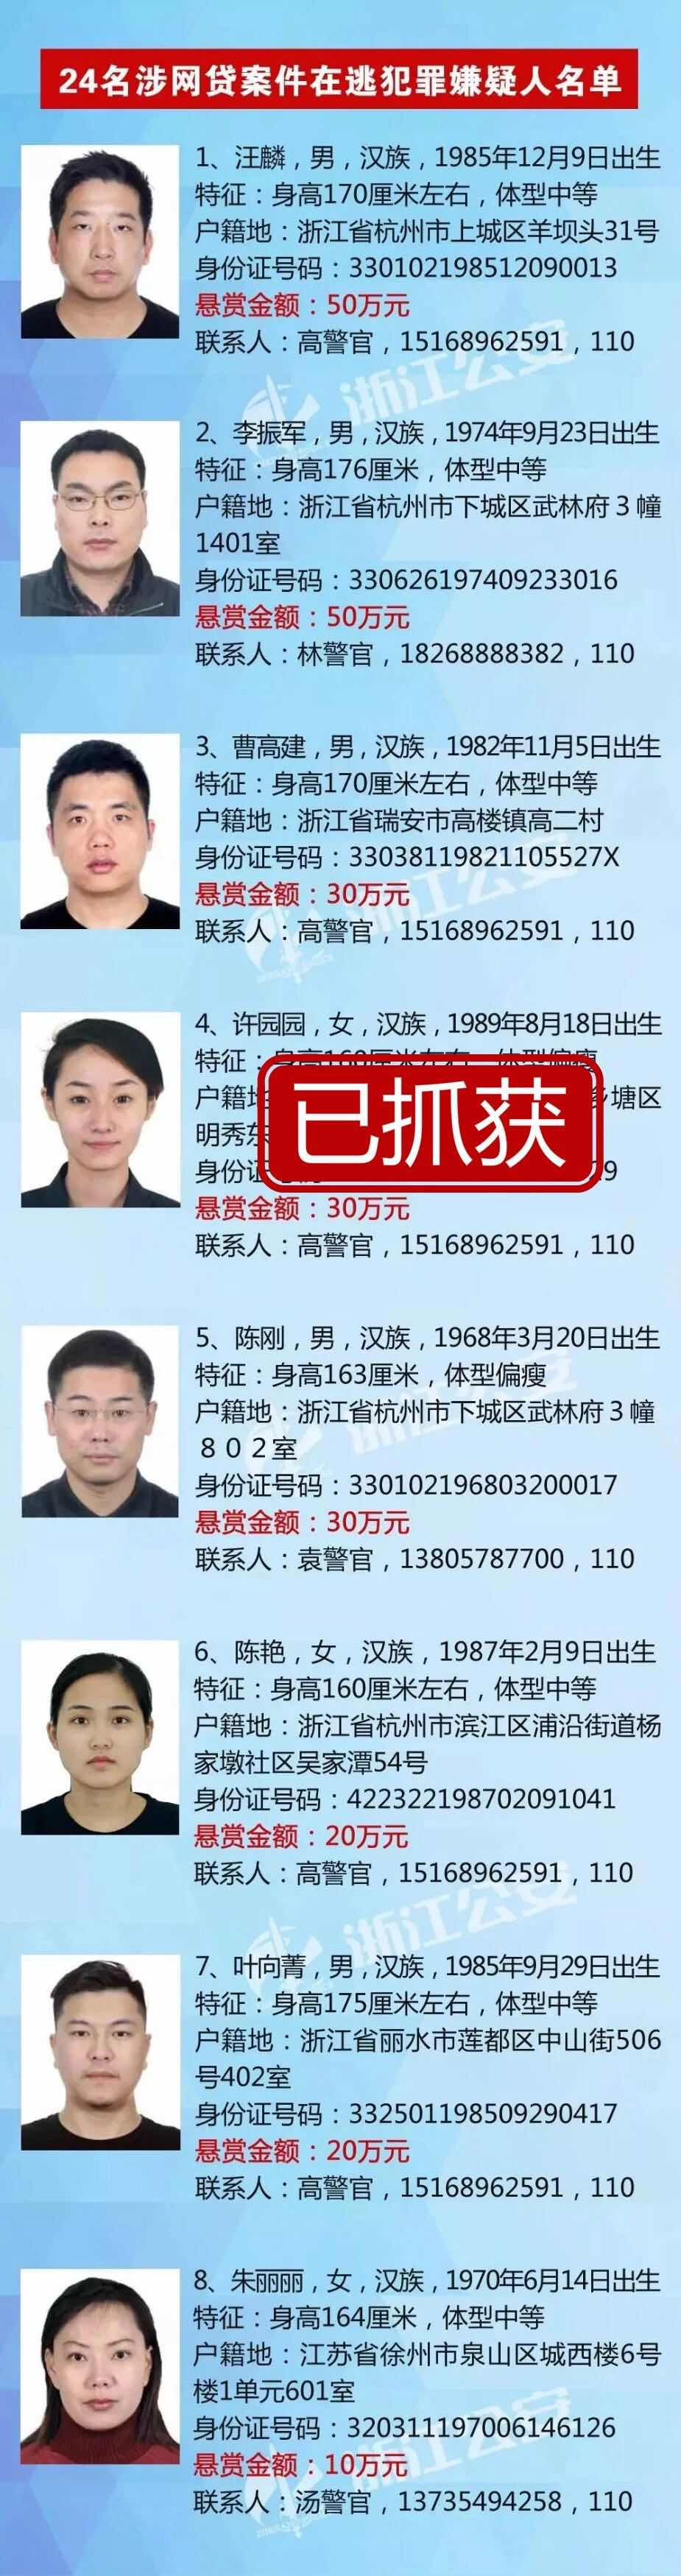 杭州警方连续抓获涉网贷案件悬赏逃犯,高颜值境外女逃犯归案